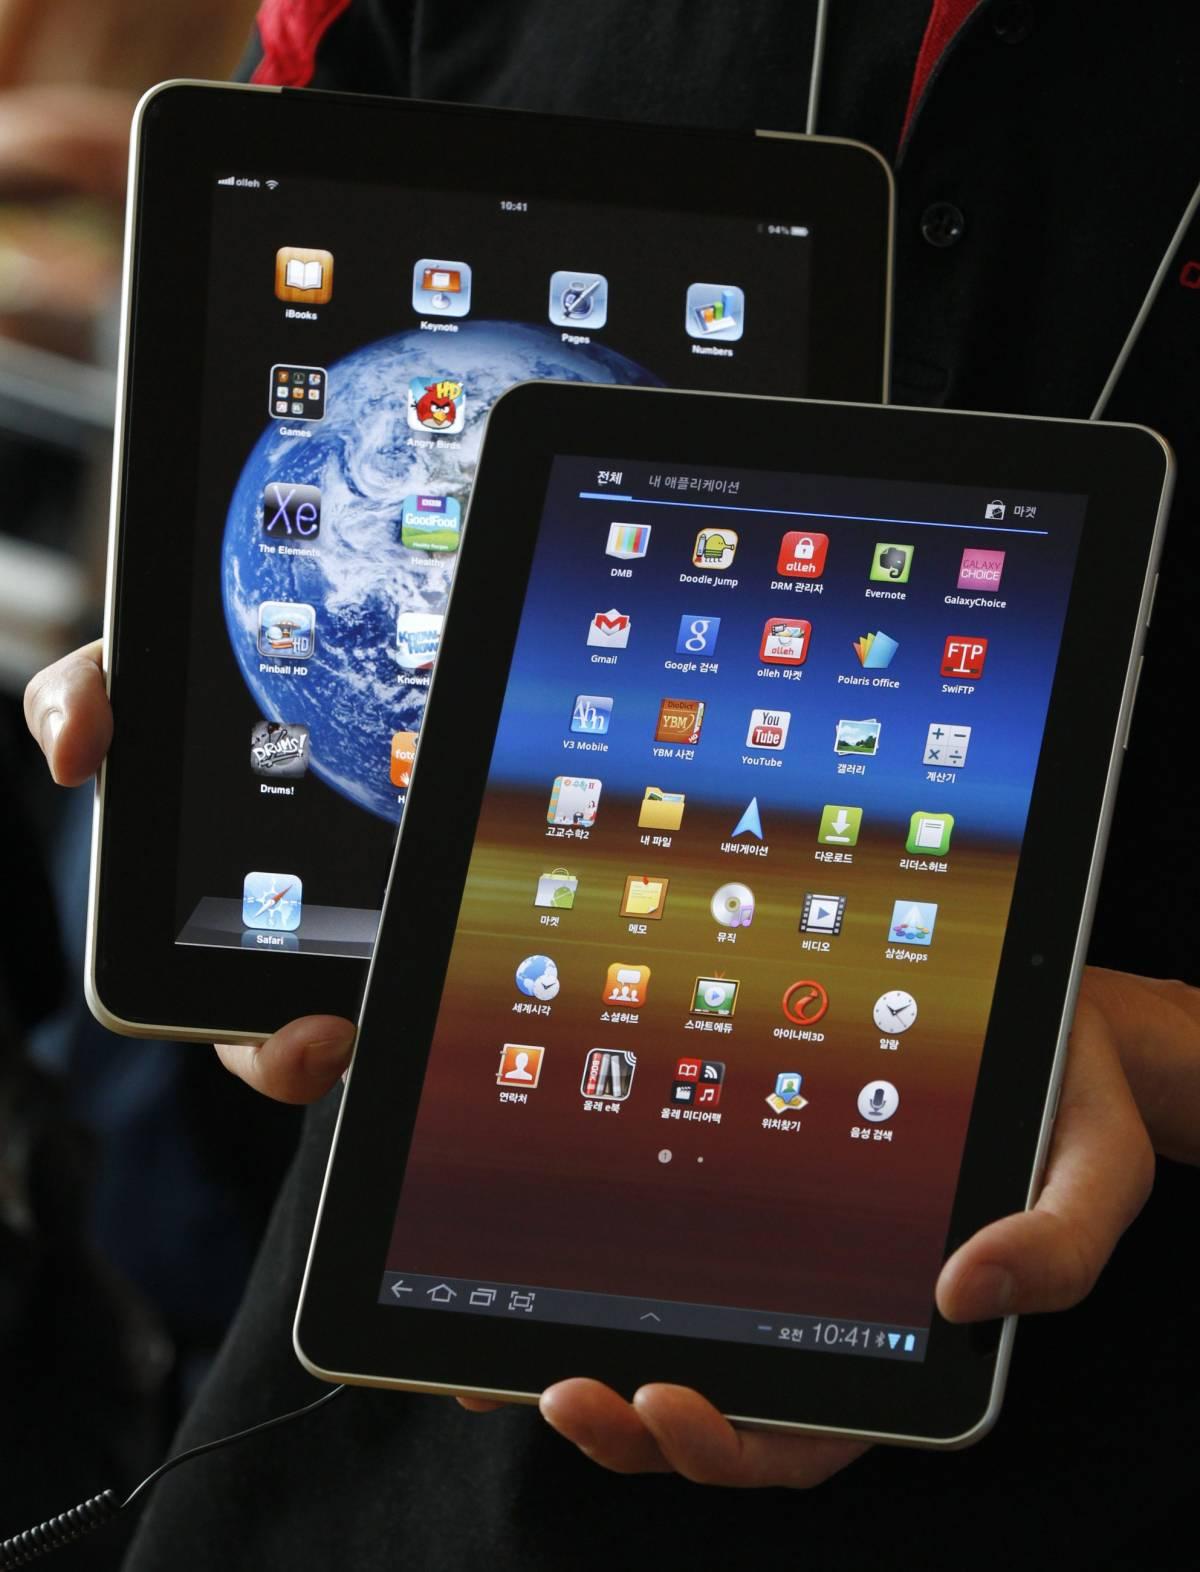 Braccio di ferro tra Apple e Samsung:  i sudcoreani avrebbero copiato Jobs